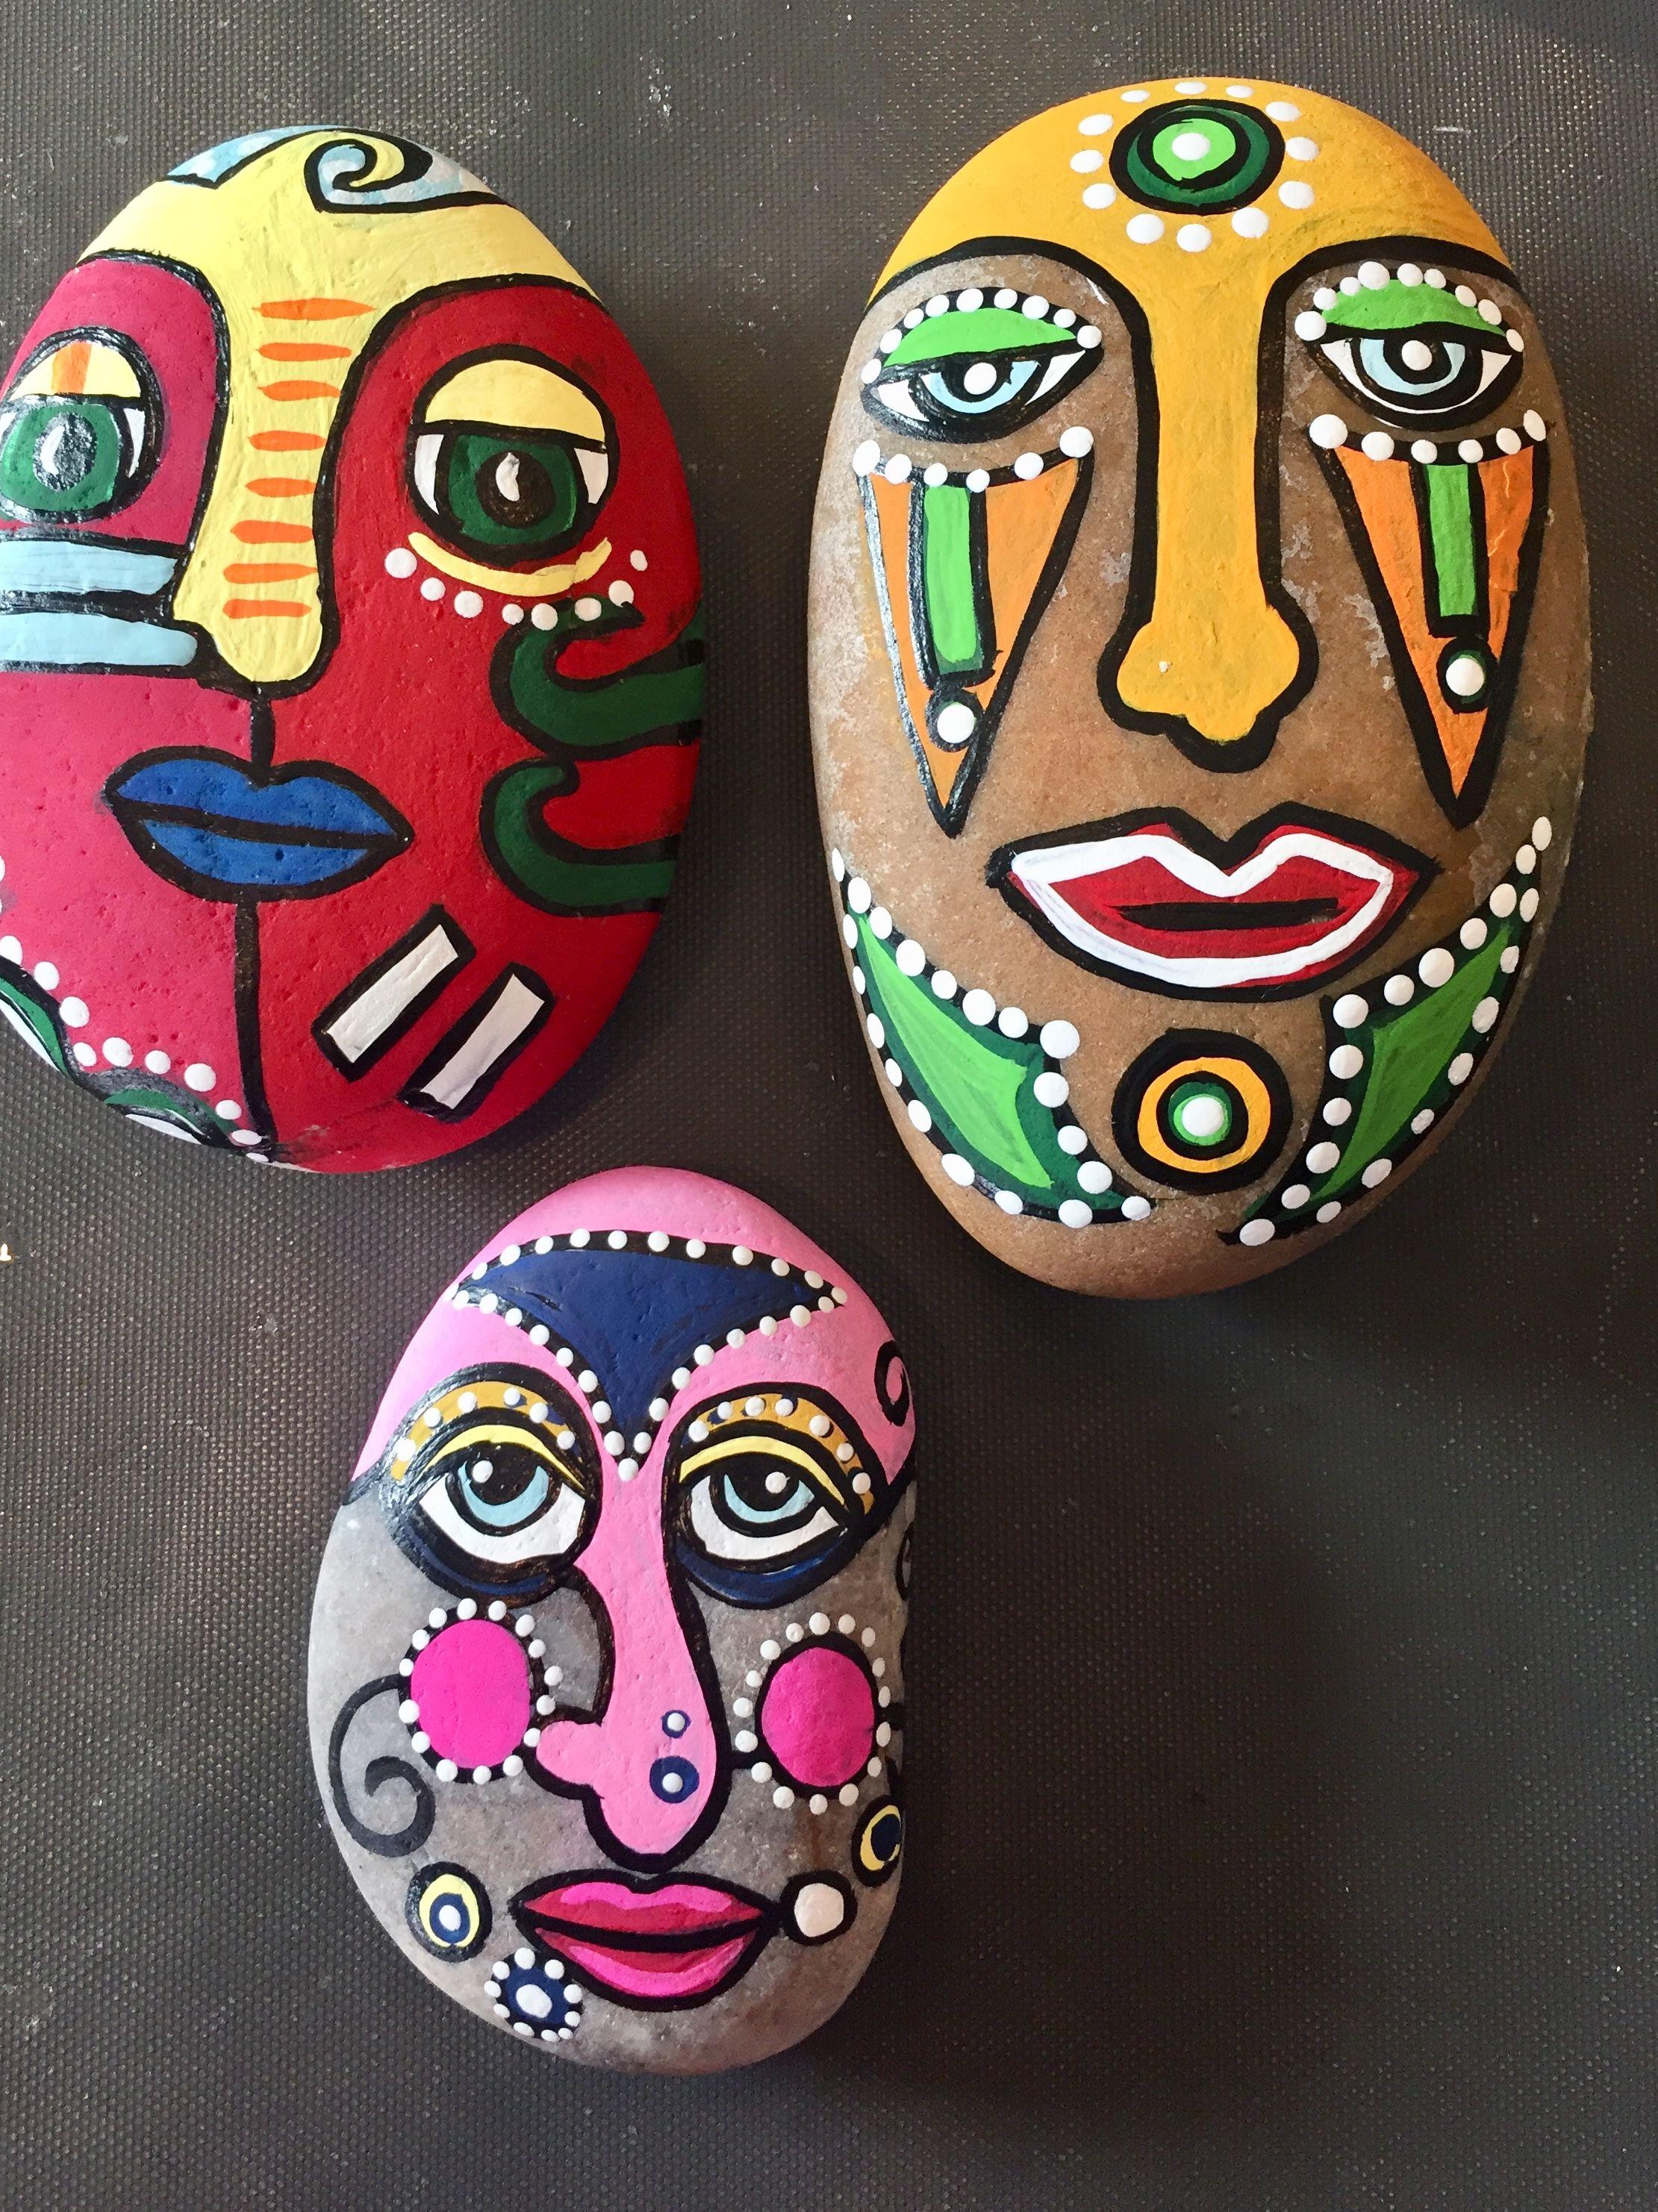 Pin By Karen Talbot On Karens Art Creations Painted Rocks Painted Rocks Funny Paintings Rock Painting Tutorial